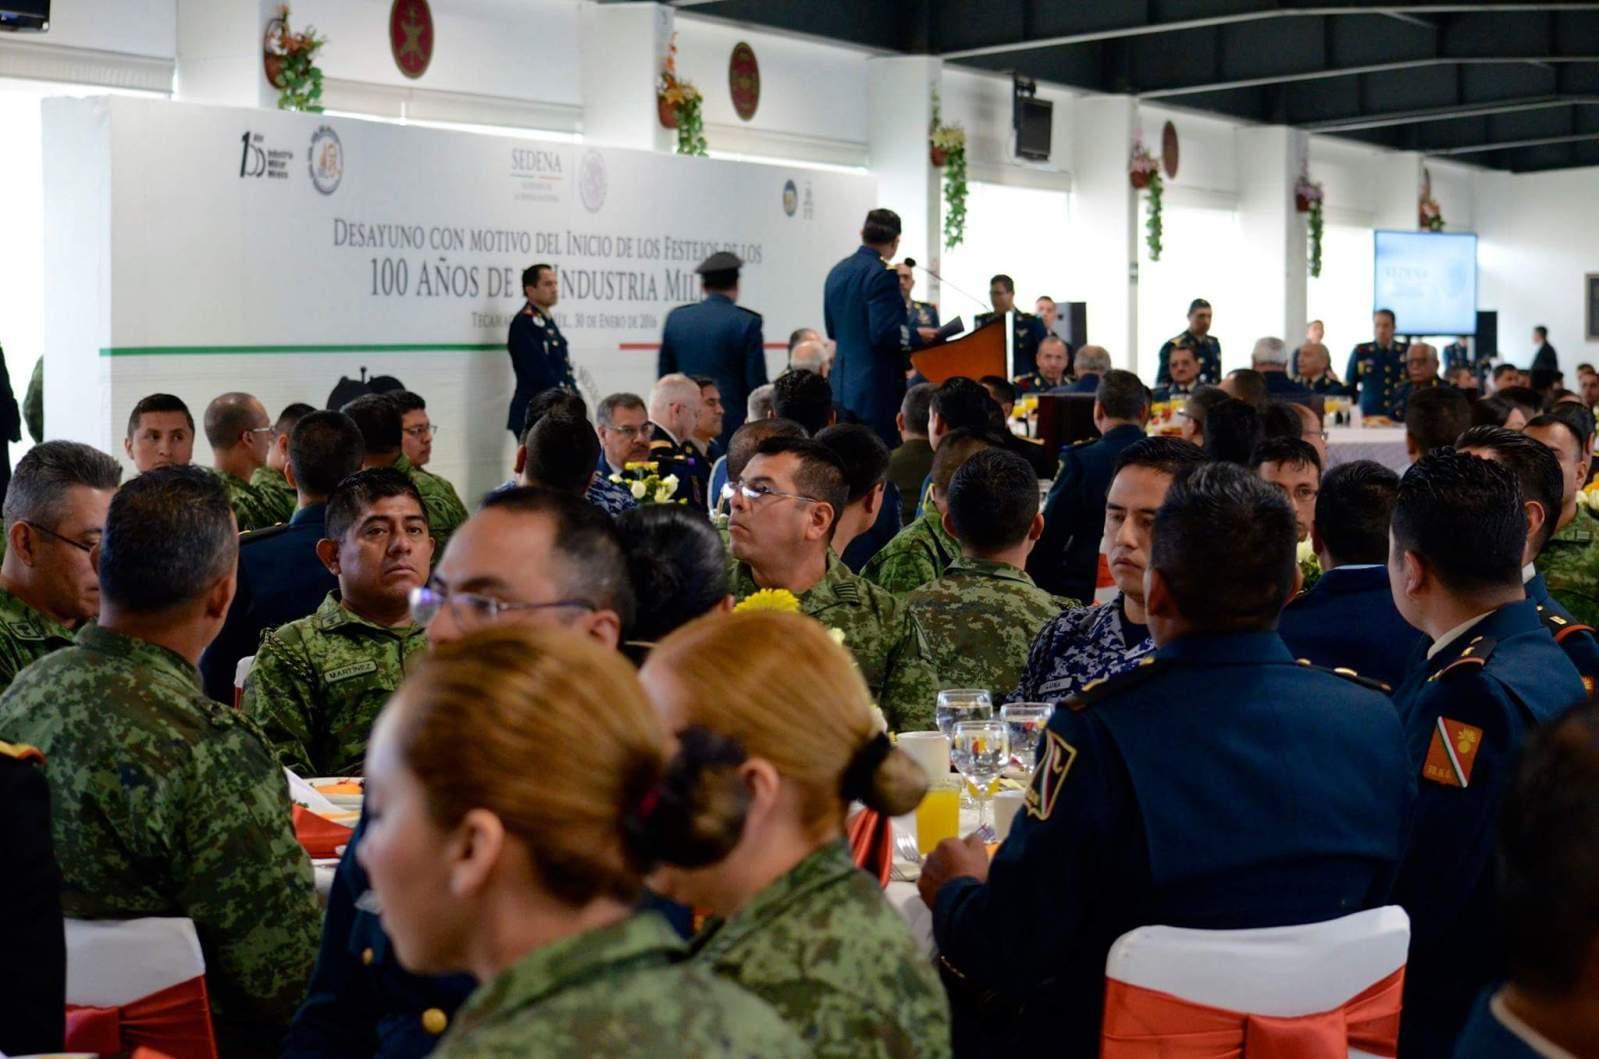 Industria Militar en Mexico - Página 3 Kcyp76